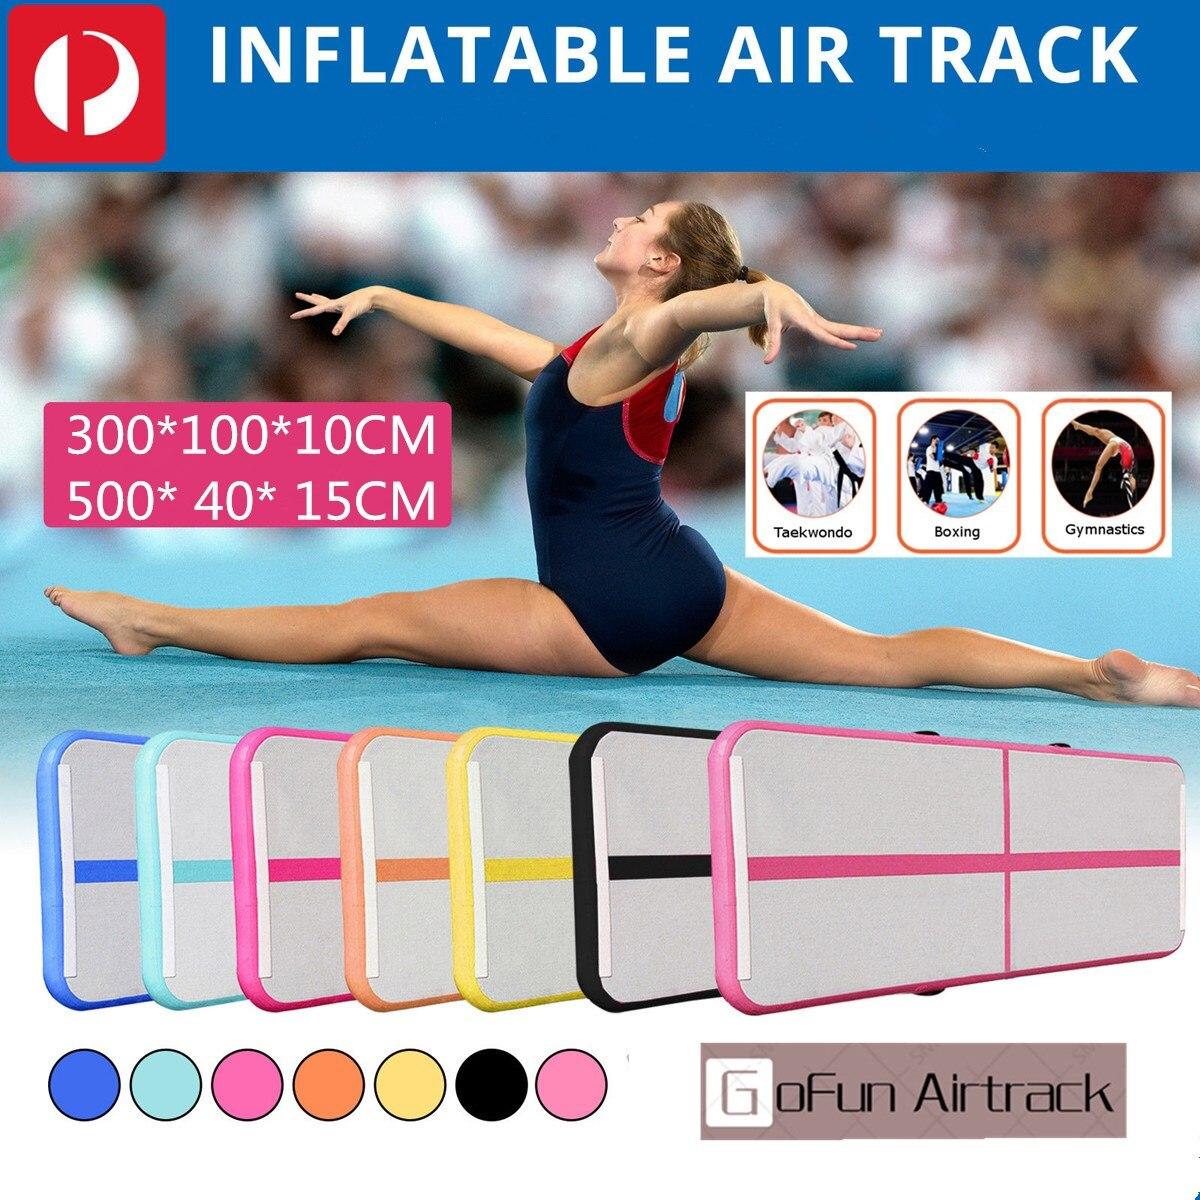 Gonflable Gymnastique AirTrack Tumbling Air Piste Plancher Trampoline compresseur électrique pour un Usage Domestique/Formation/Cheerleading/Plage